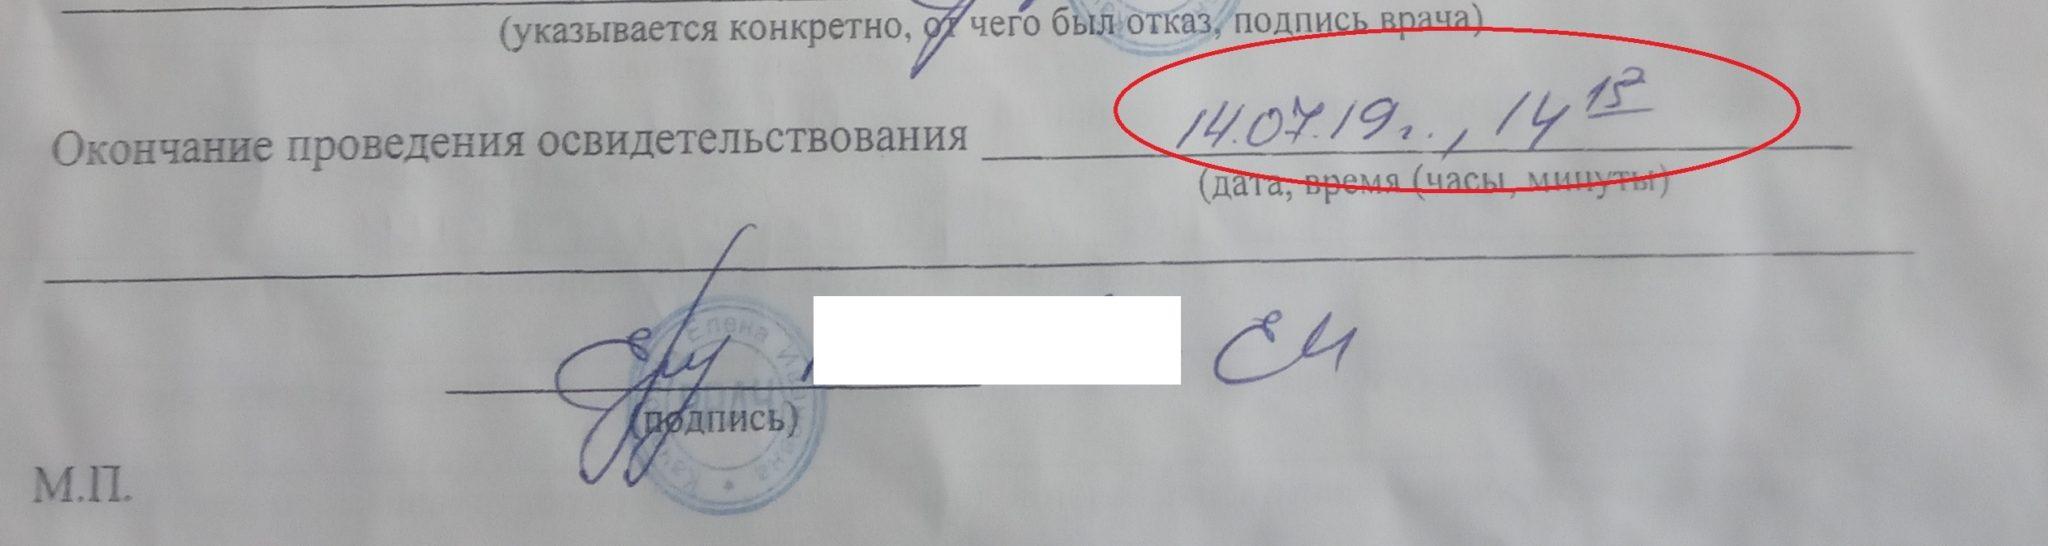 передвижной наркологический пункт, адвокат по 18.16 КоАП, адвокат по пьяной статье